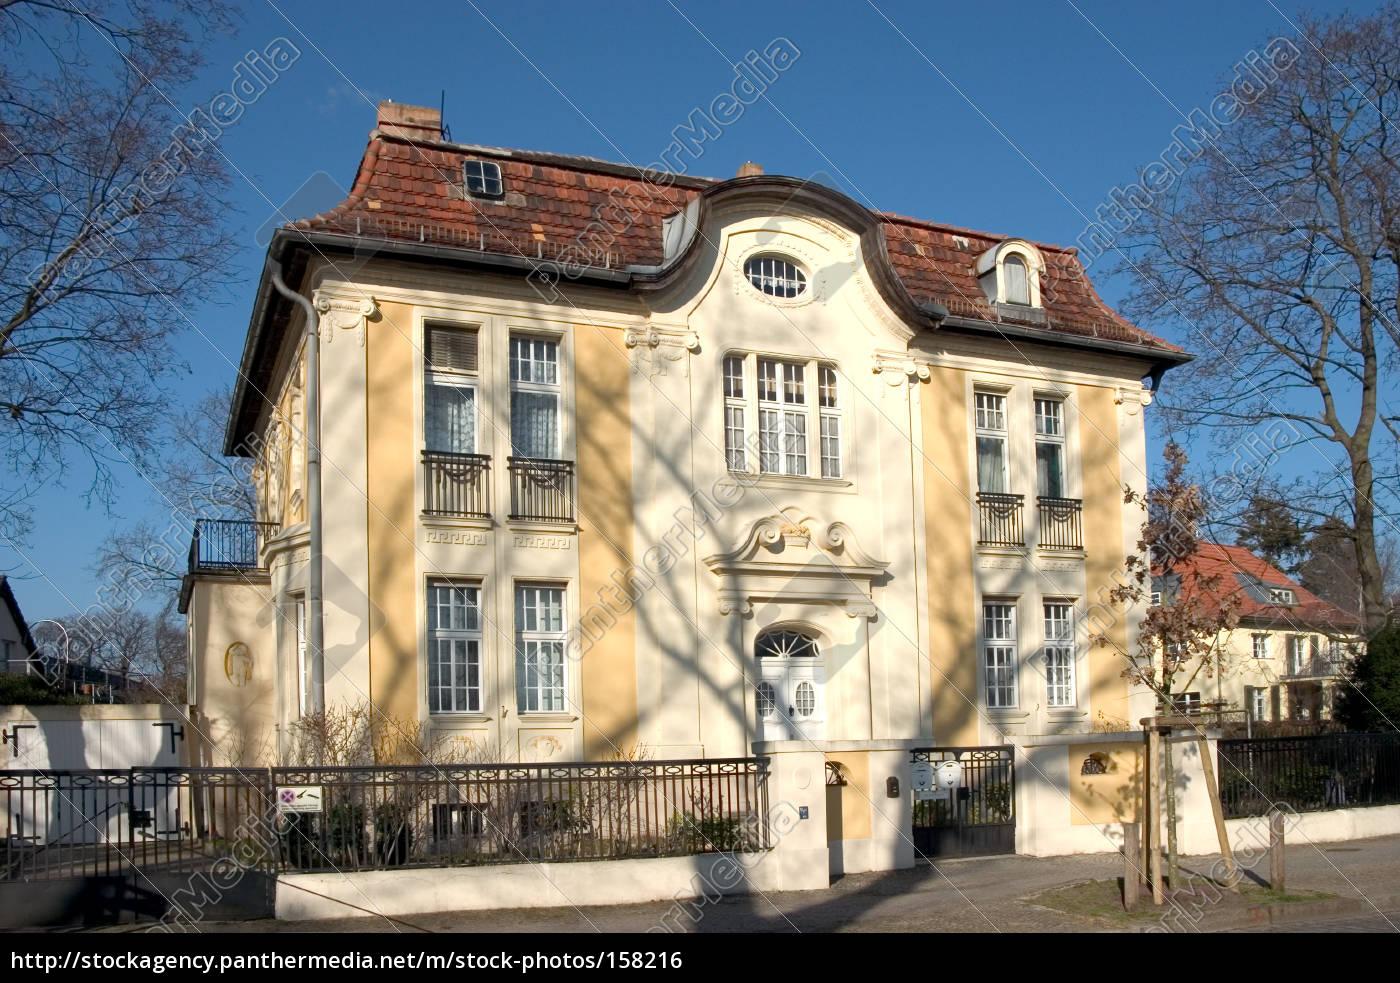 potsdamer, villa, 23 - 158216